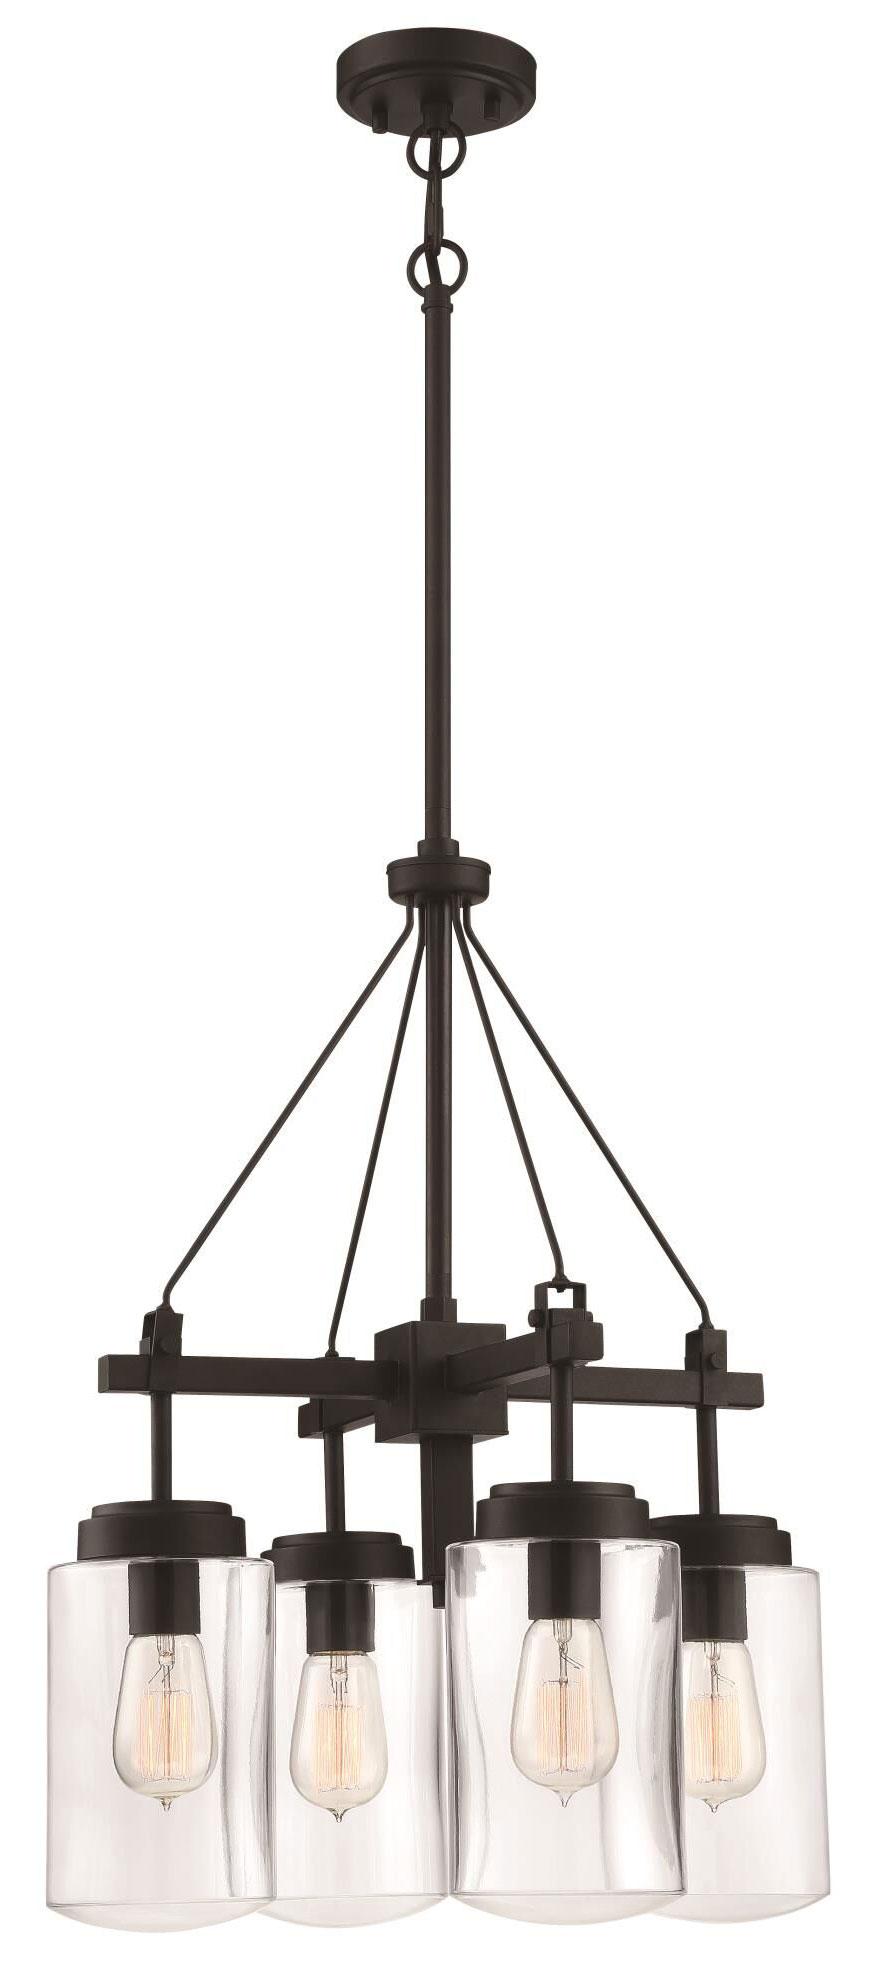 Crosspoint outdoor chandelier by craftmade 52124 esp